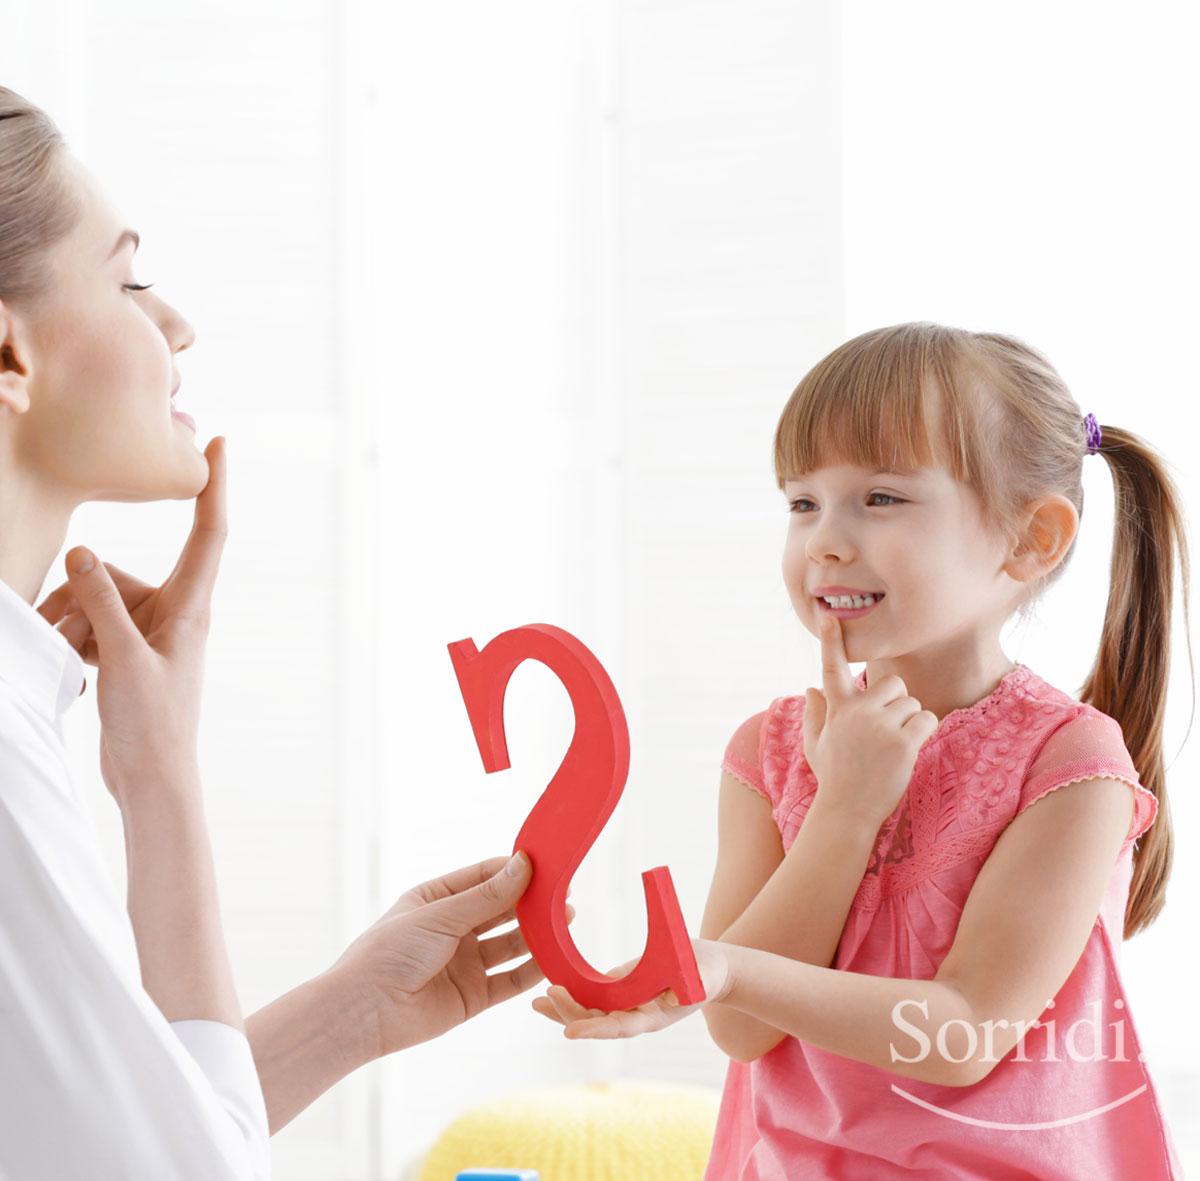 Sorridi-ch-magazine-problemi-di-fonazione-nei-bambini-il-dentista-puo-aiutarti